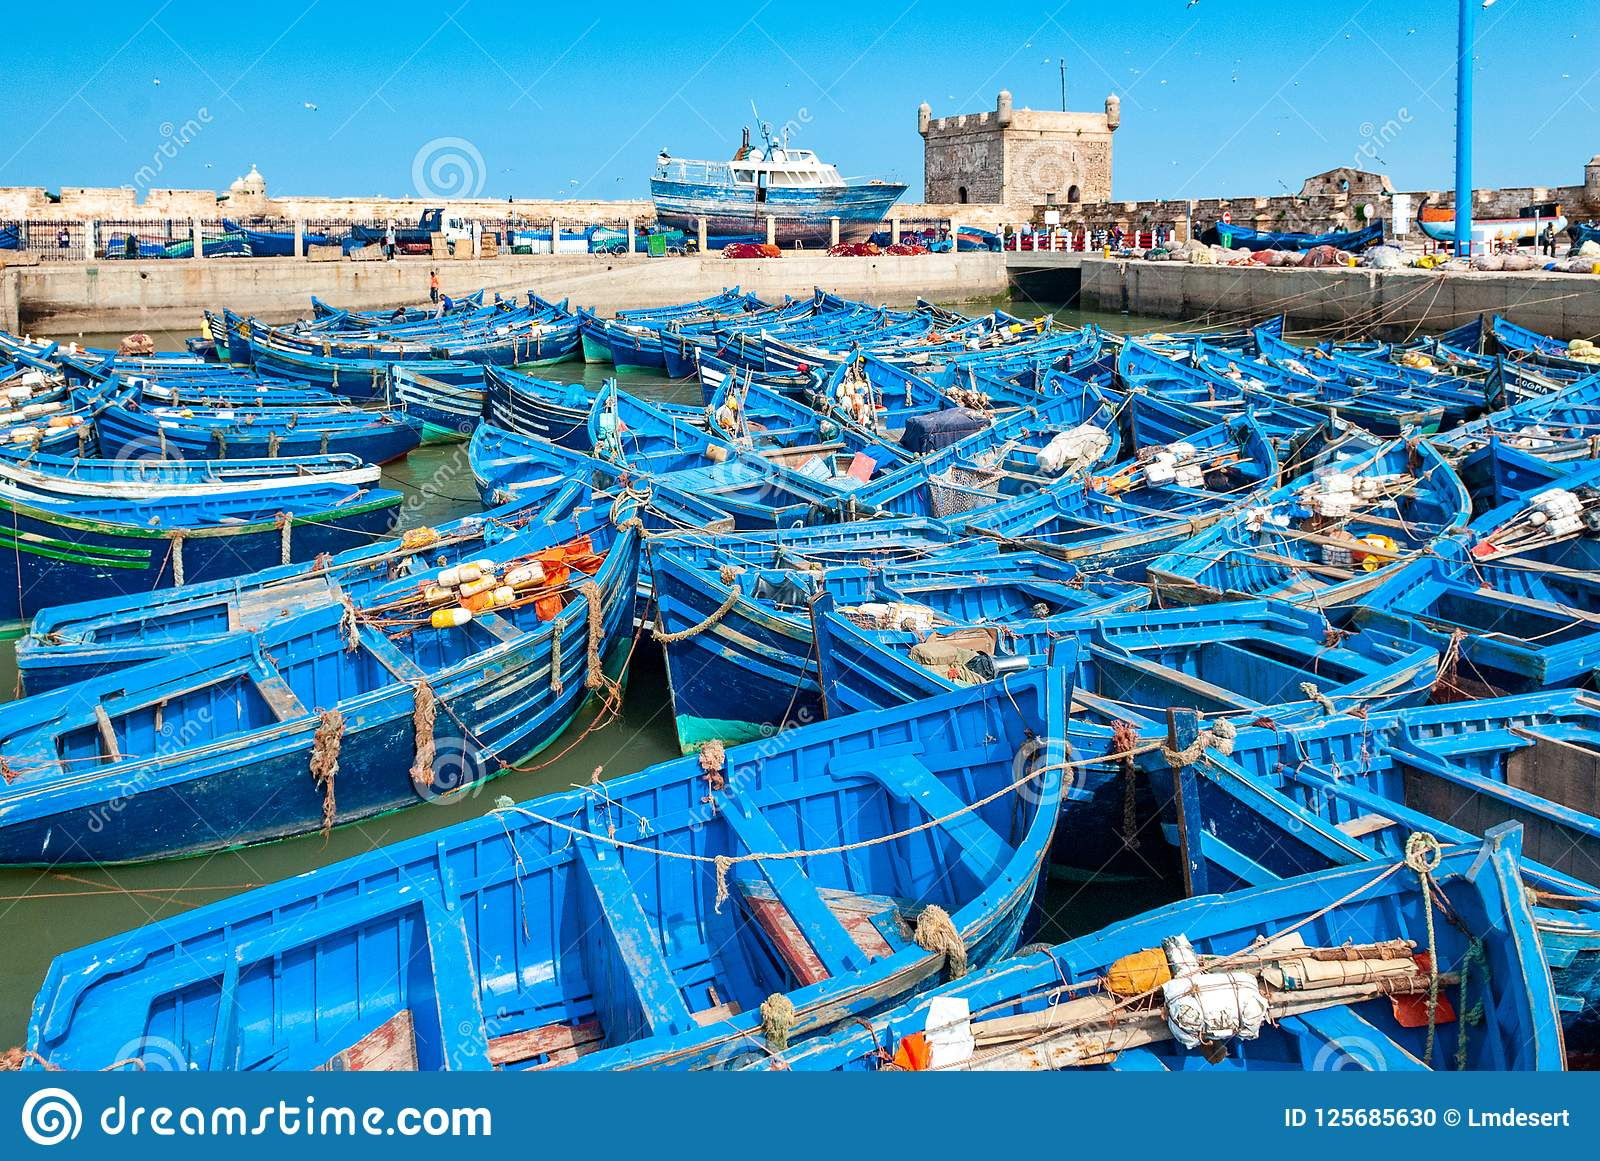 In the port of Essaouira